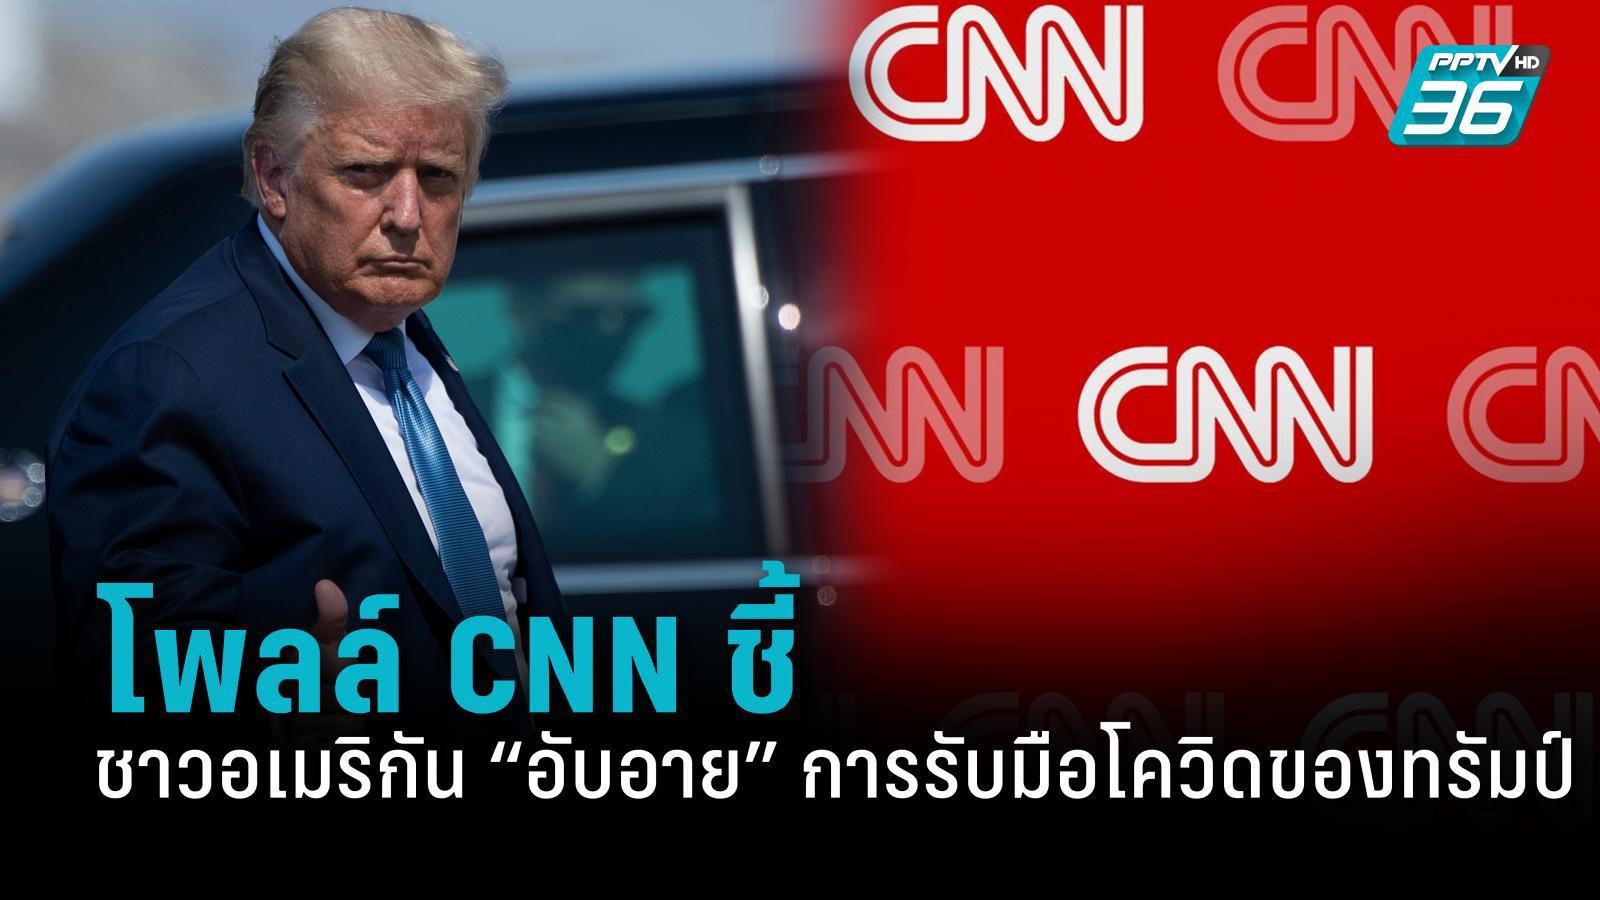 """โพลล์ CNN ชี้ ชาวอเมริกันส่วนใหญ่ """"อับอาย"""" กับการตอบสนองของสหรัฐฯ ต่อโควิด-19"""